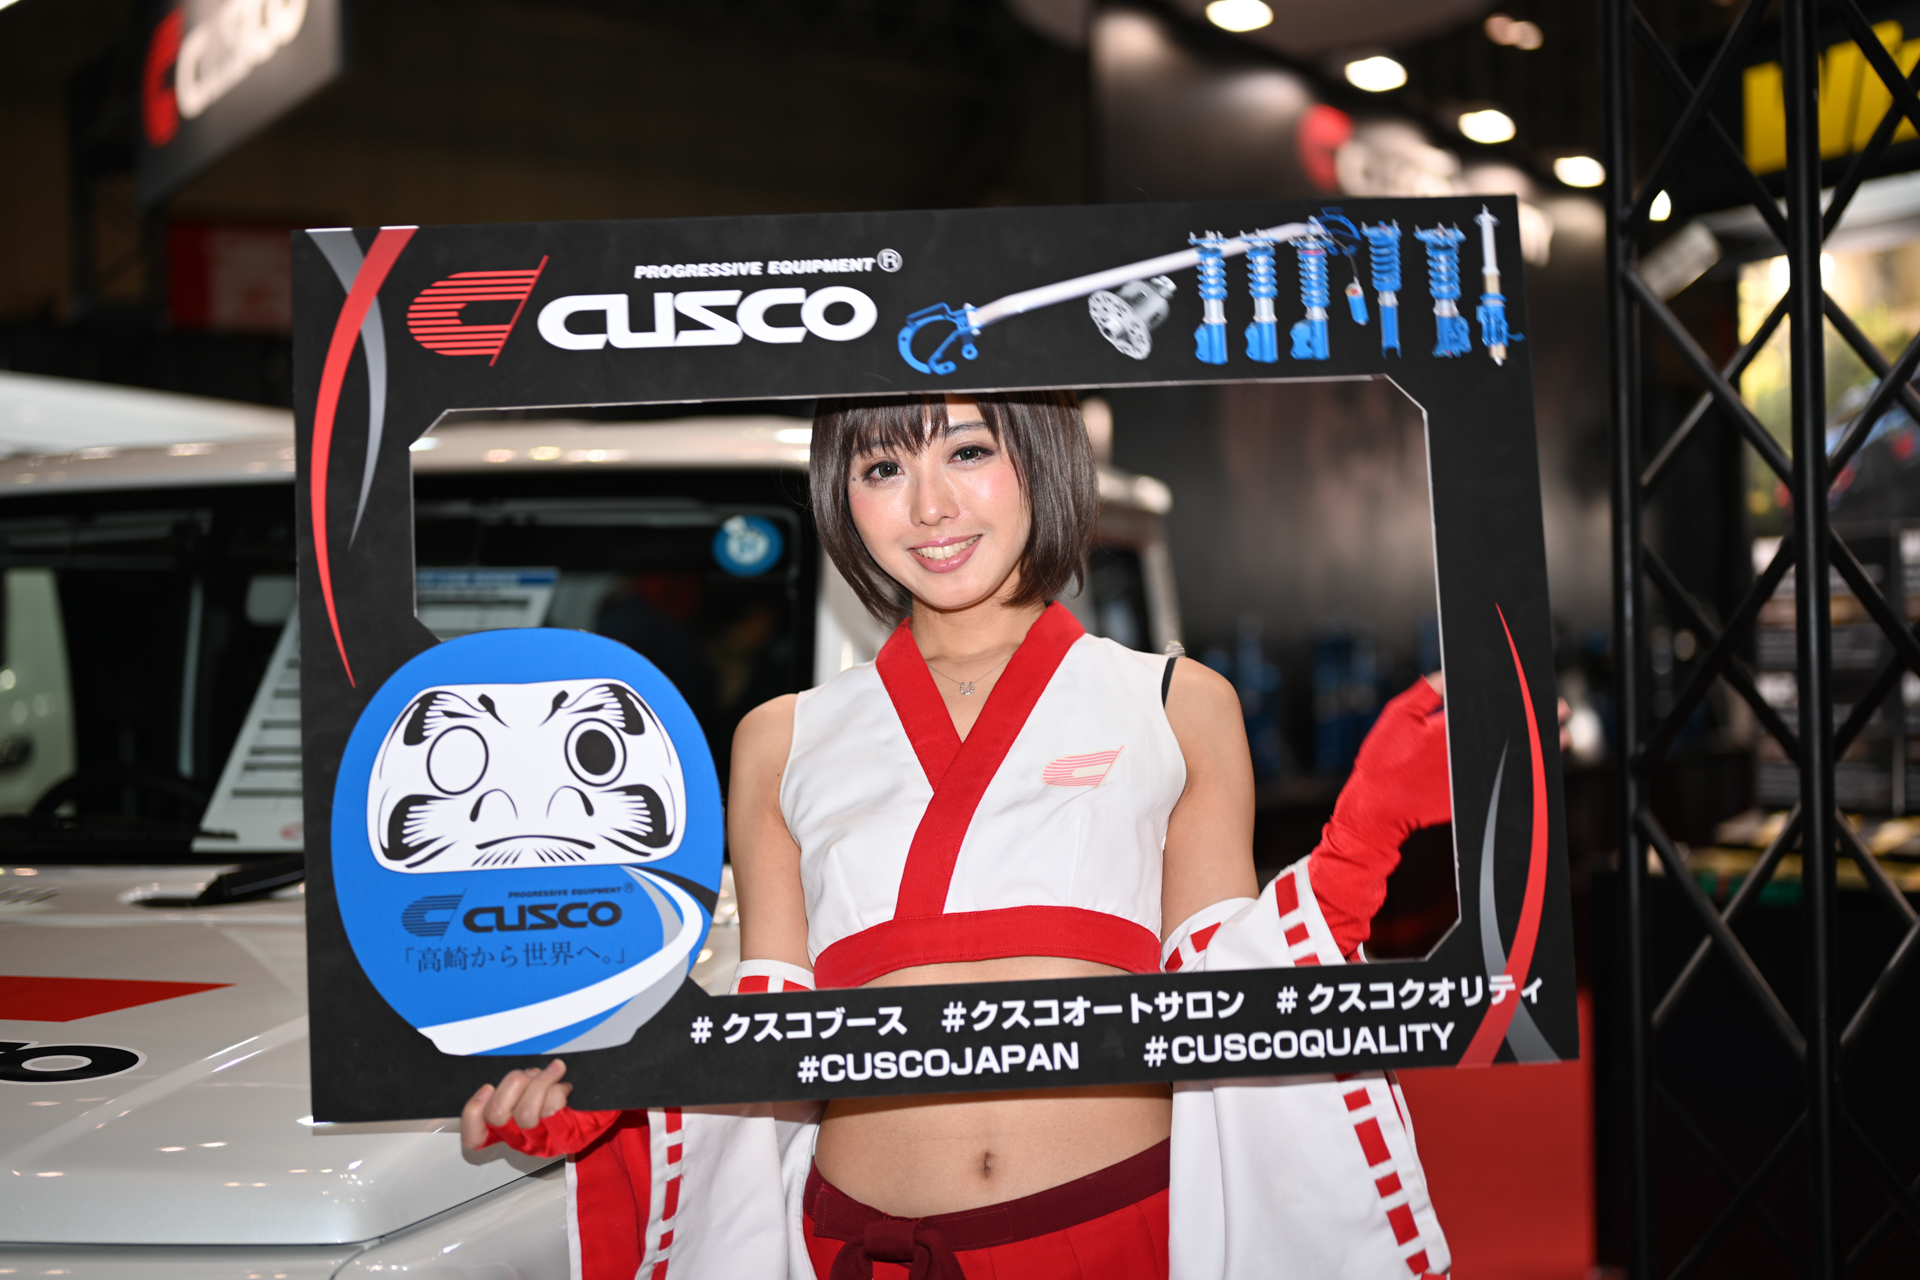 【東京オートサロン】Z7と50mm単焦点でコンパニオンを撮影してきた